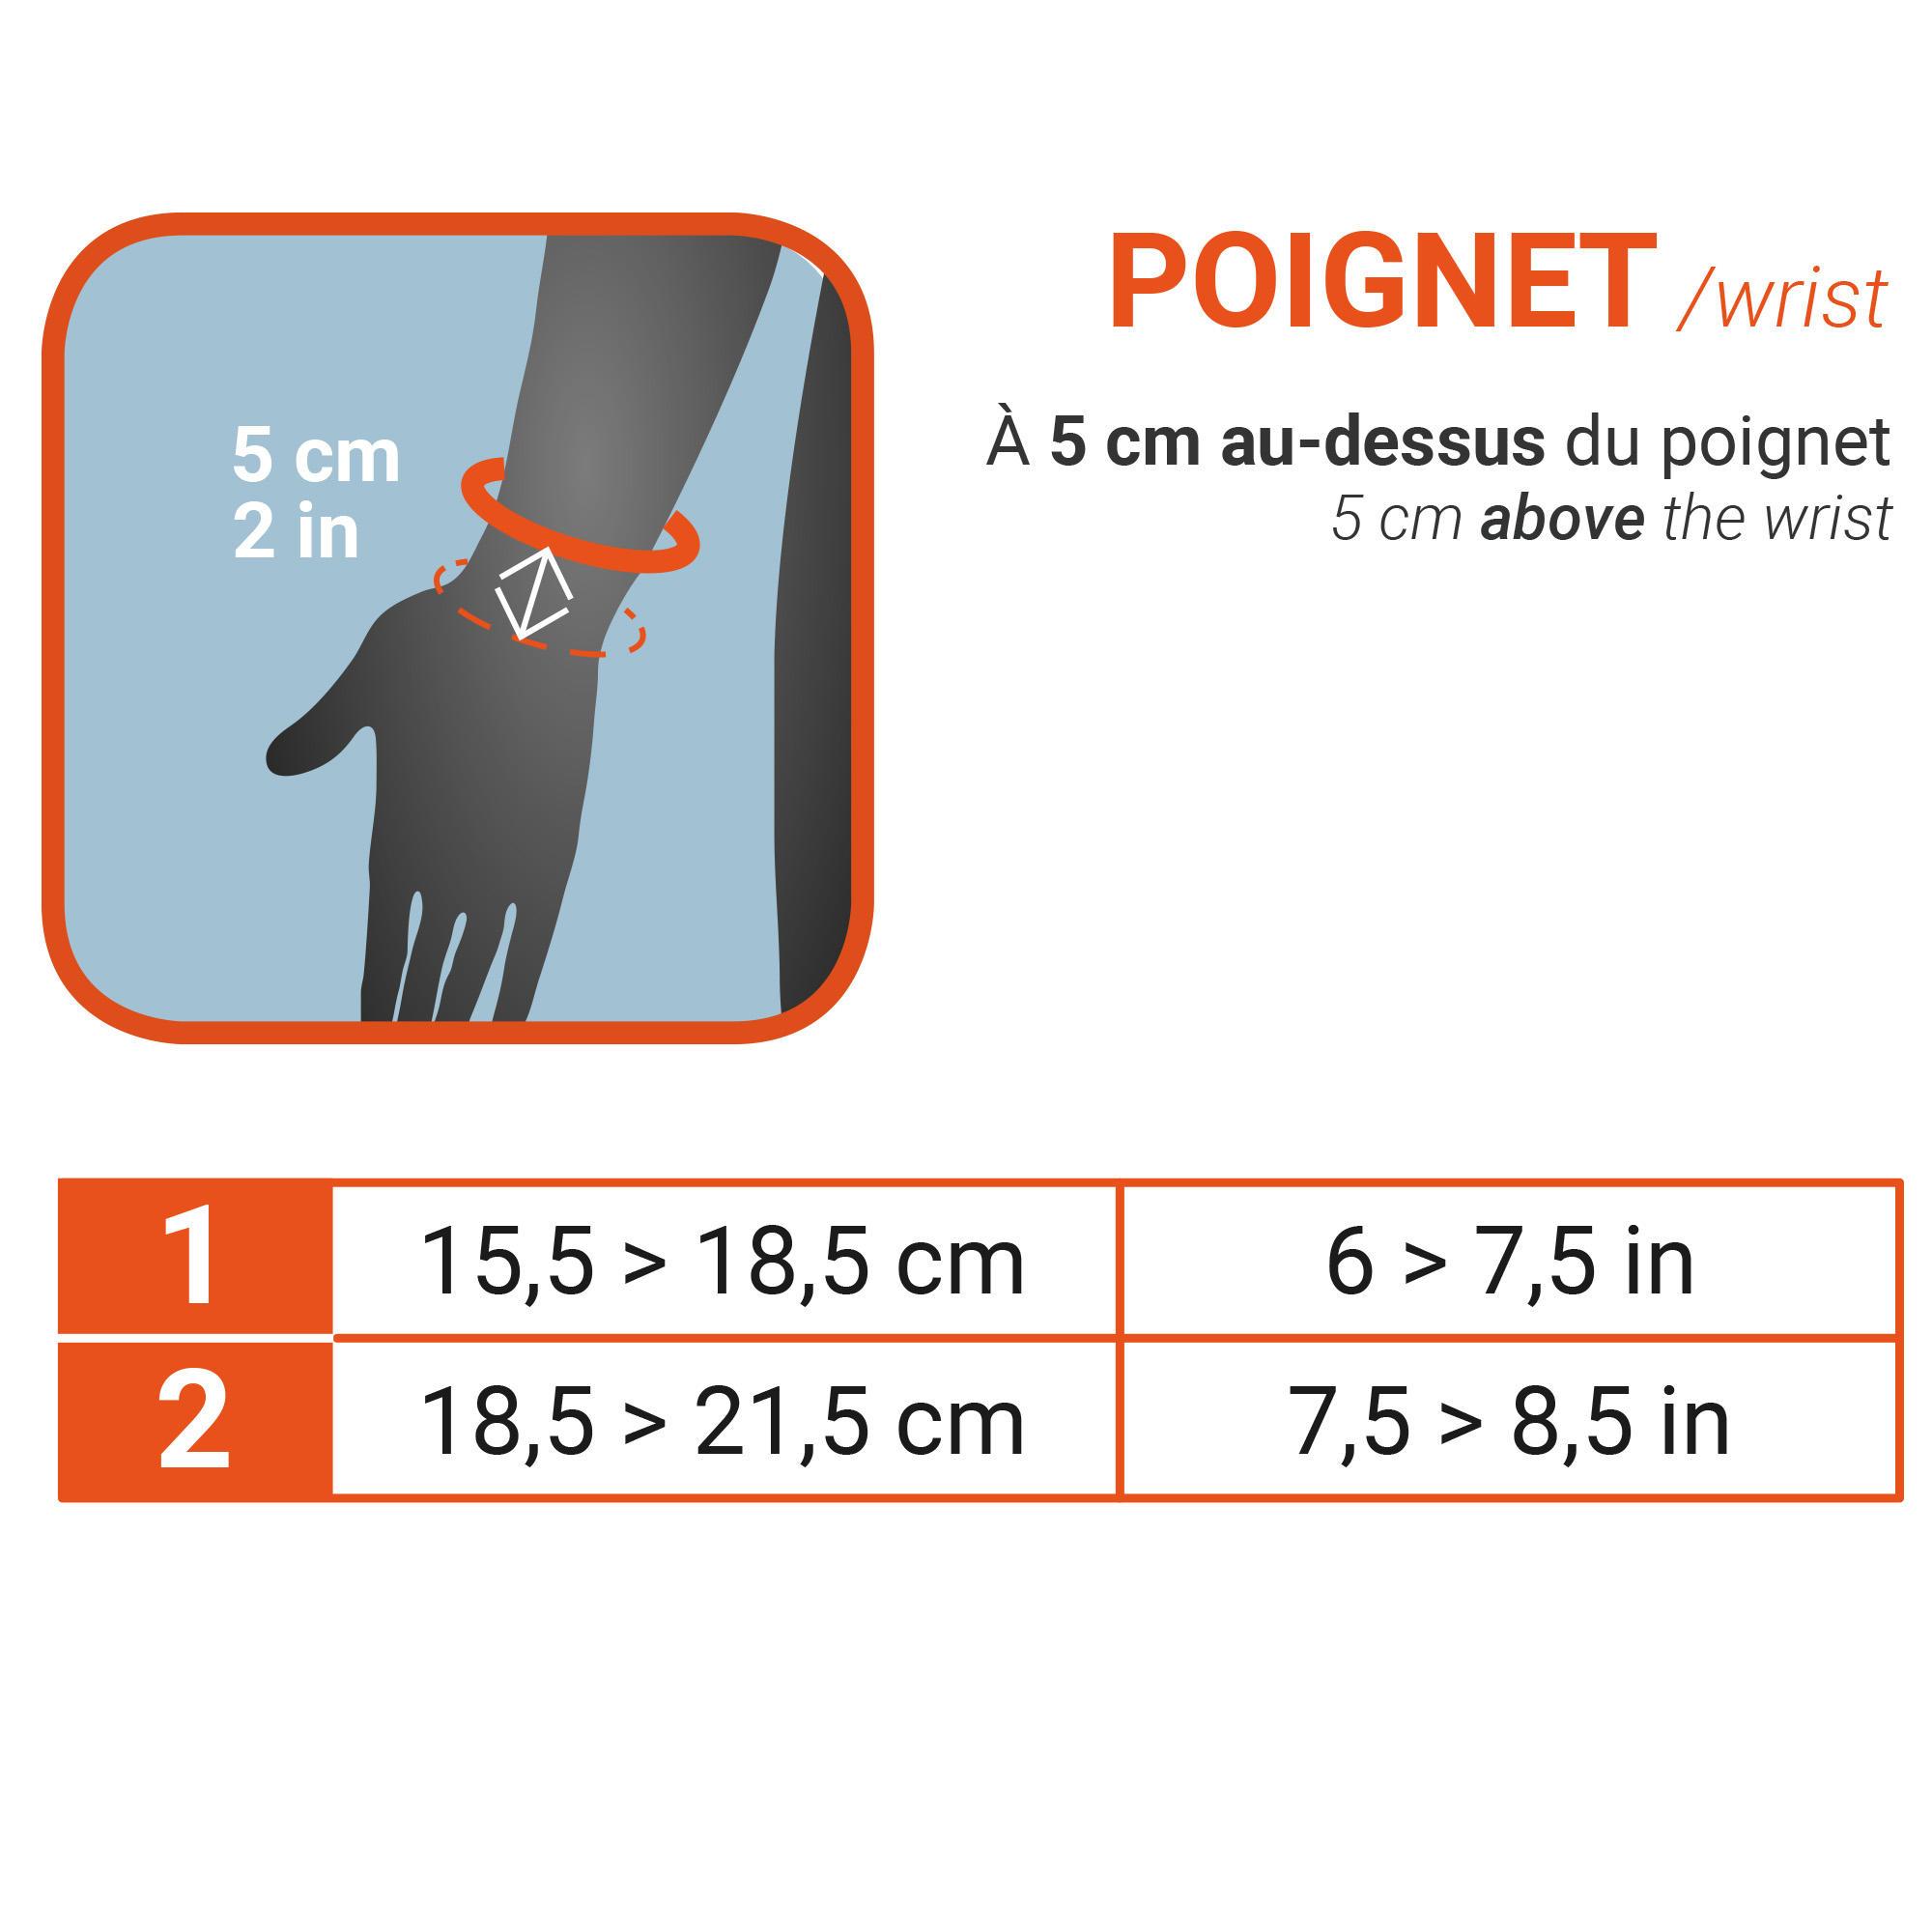 Protège poignet gauche/droite homme/femme RENFORCÉ 700 noir